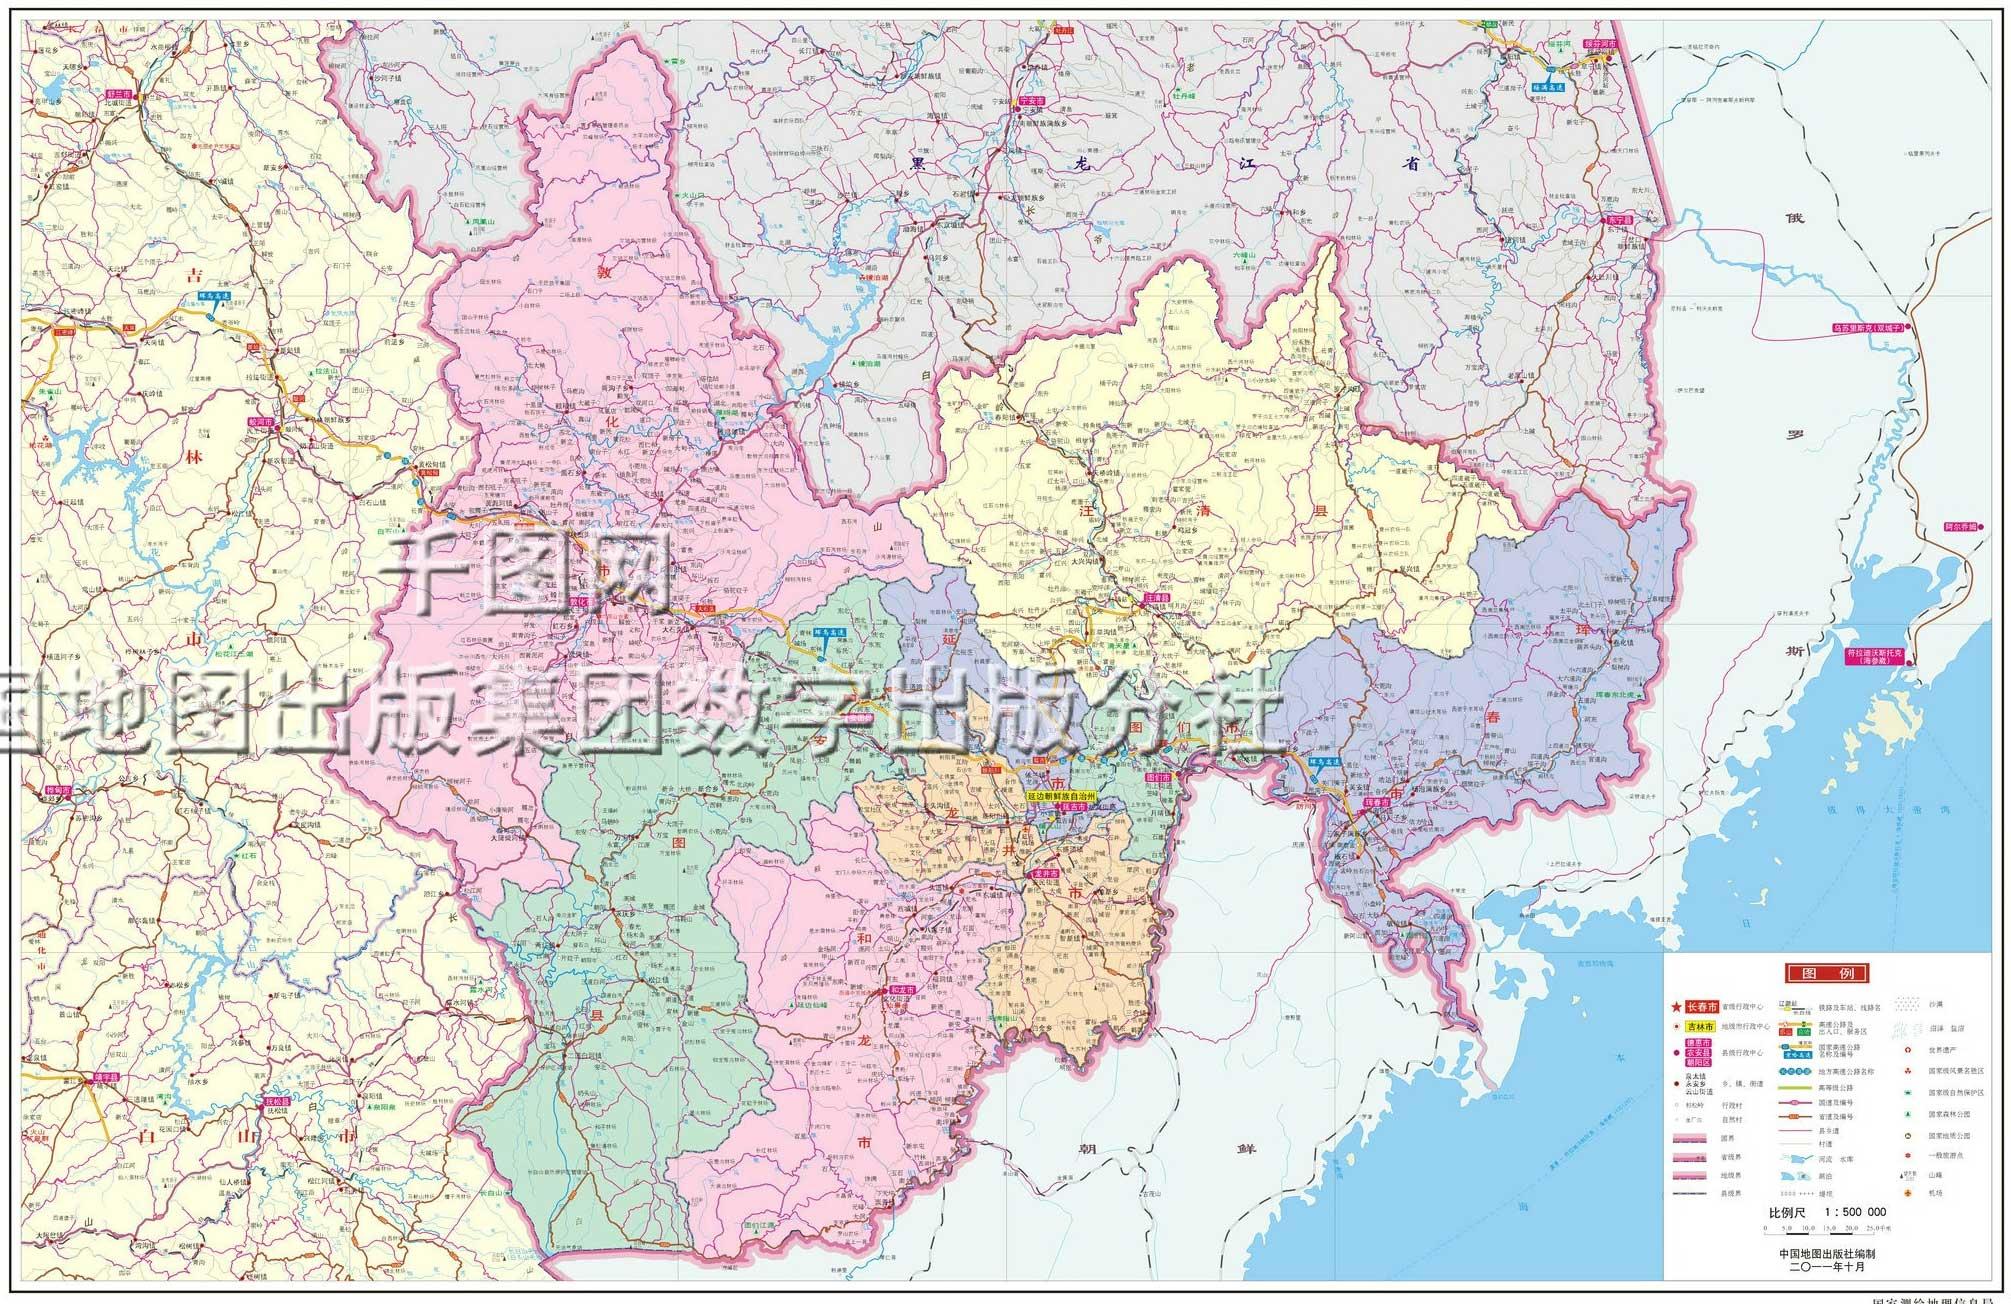 延边朝鲜族自治州地图高清版